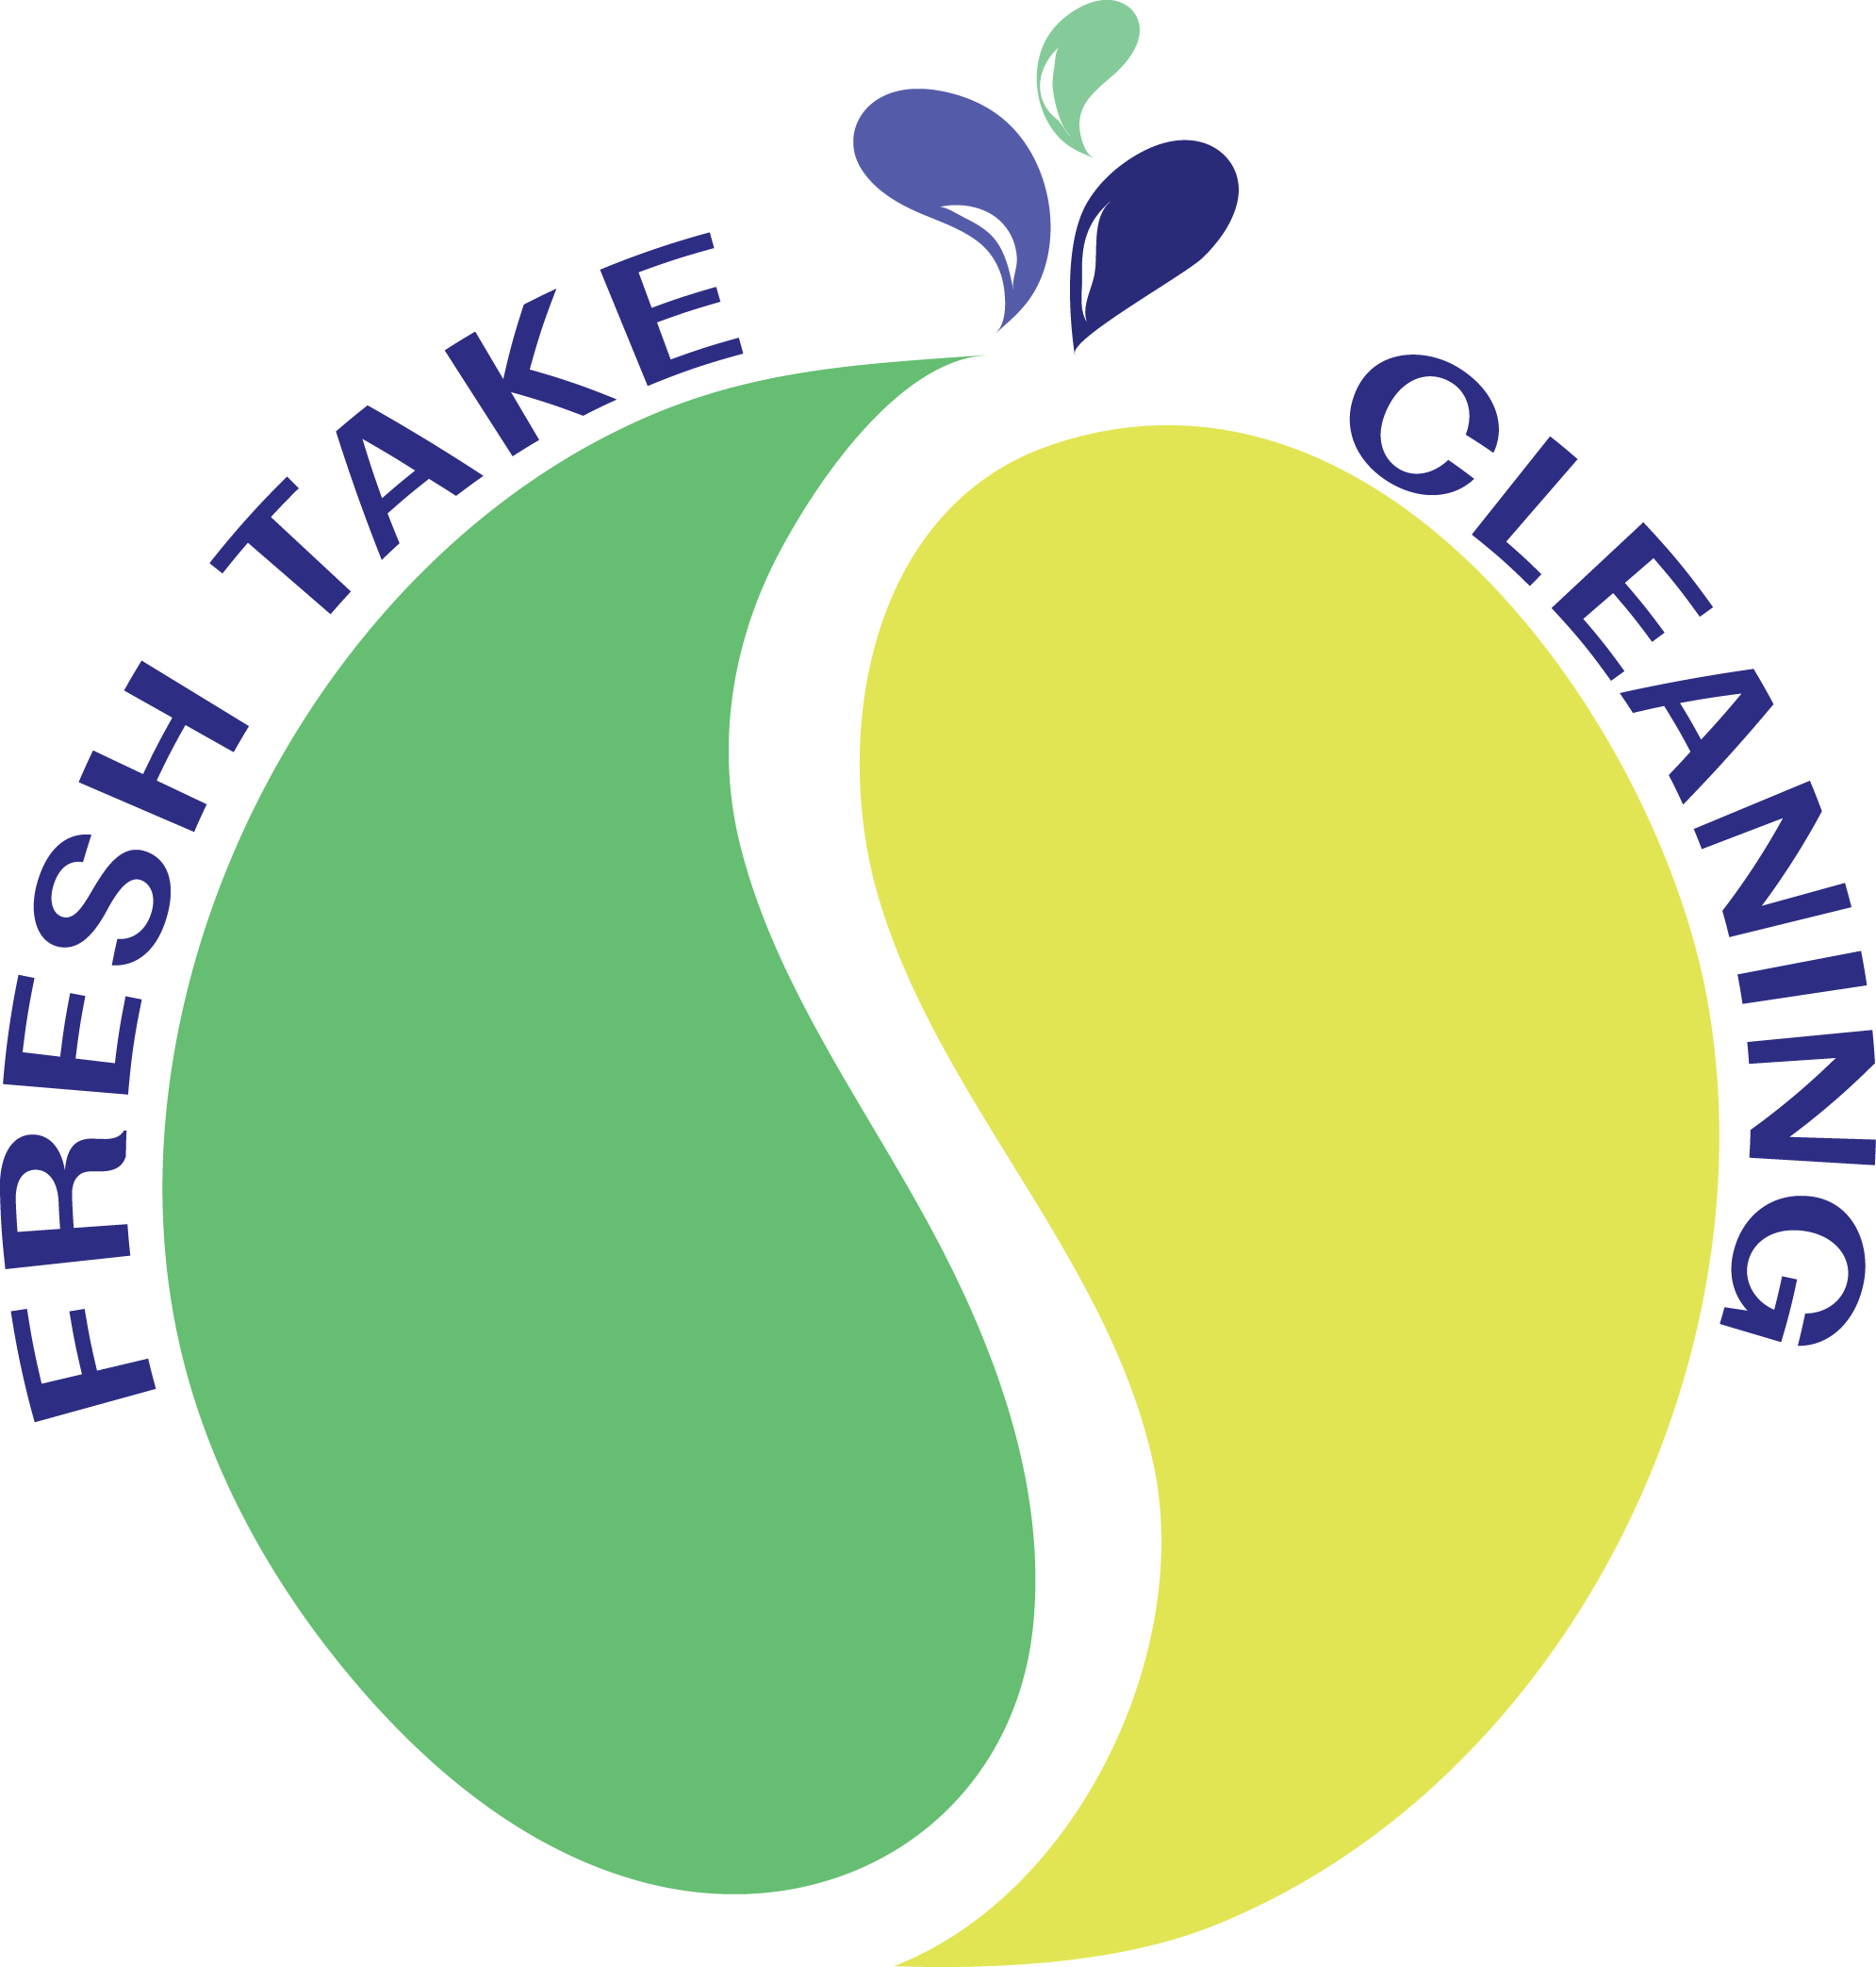 Fresh_Take_512x512